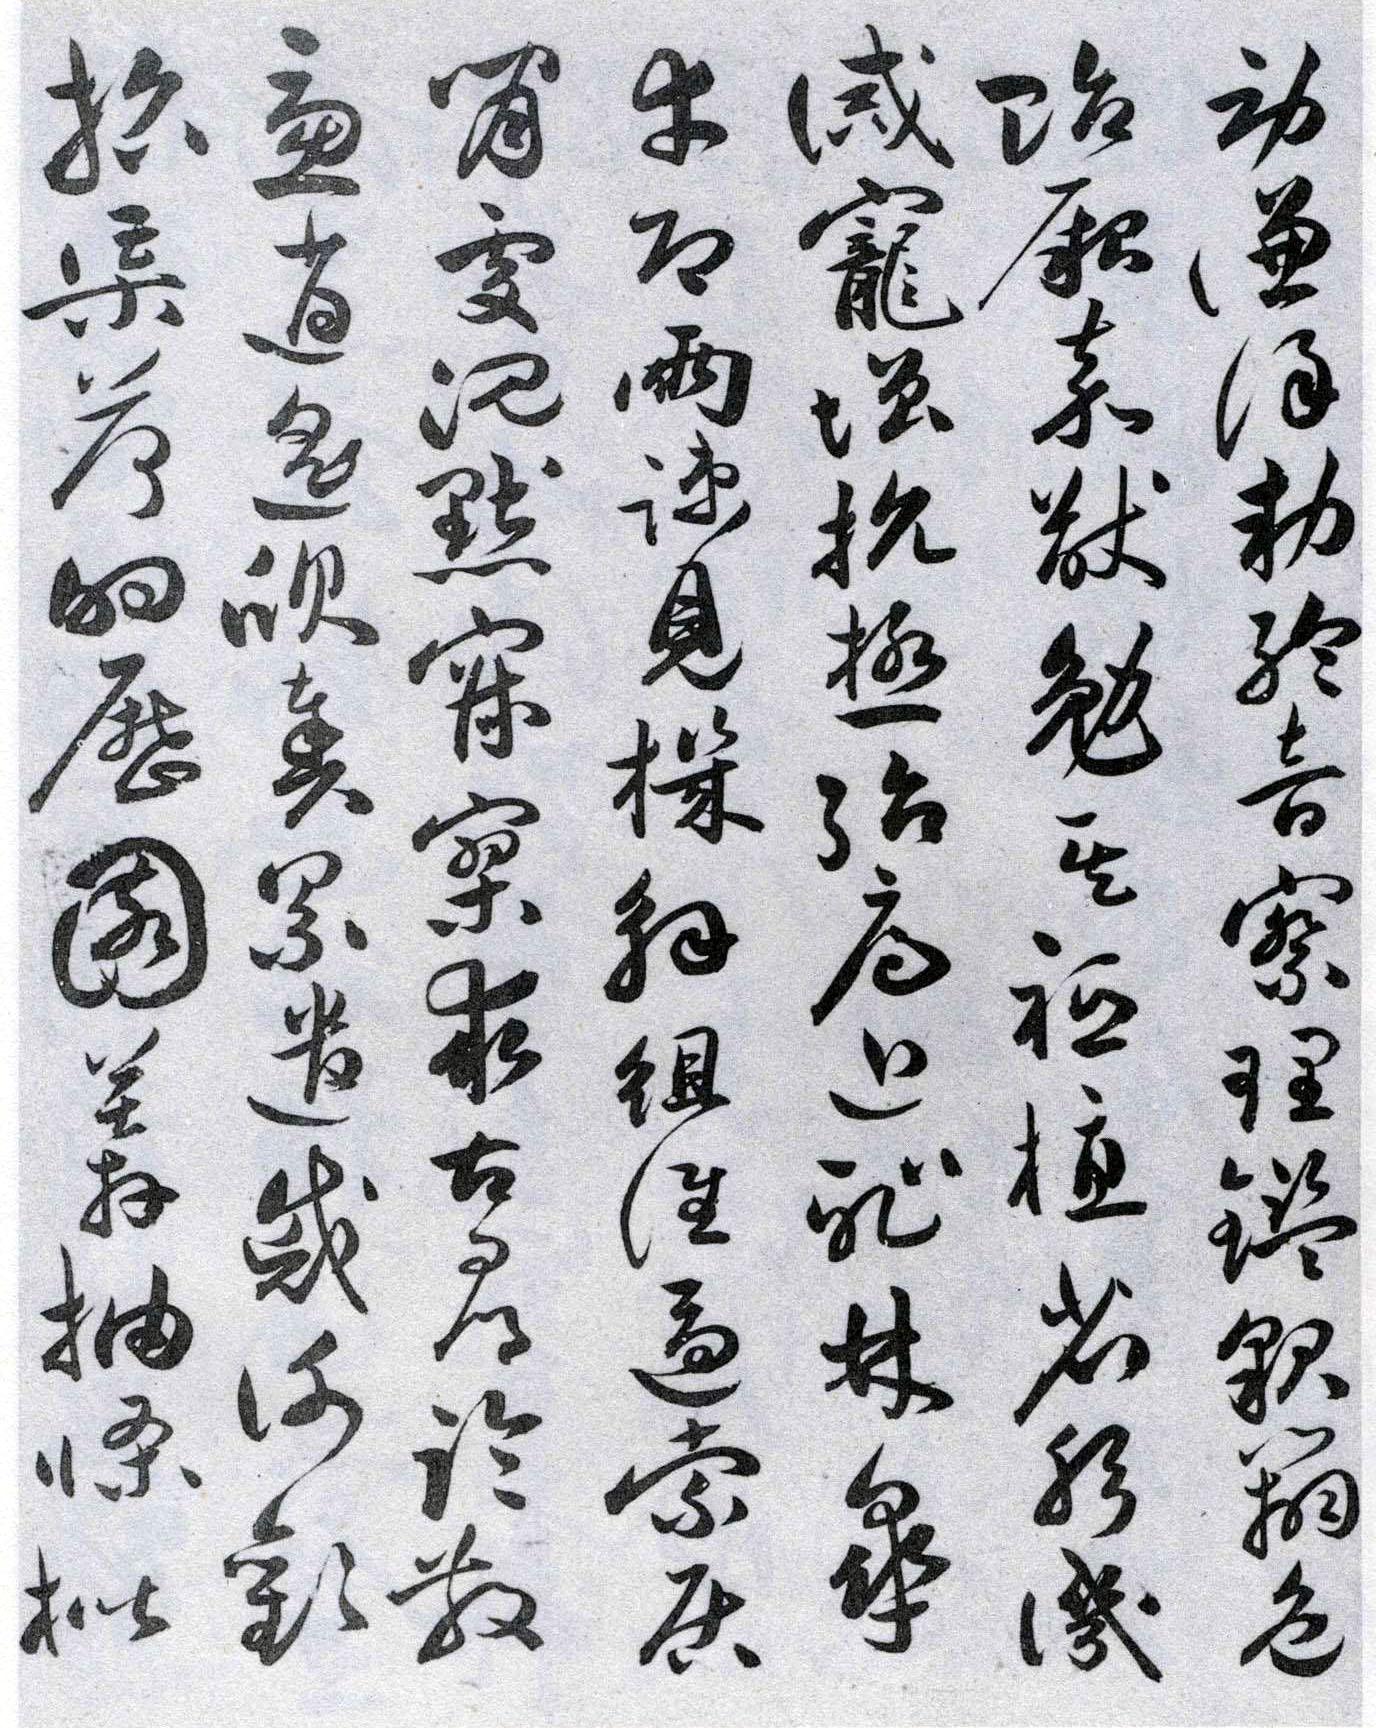 祝允明 - 香儿 - xianger